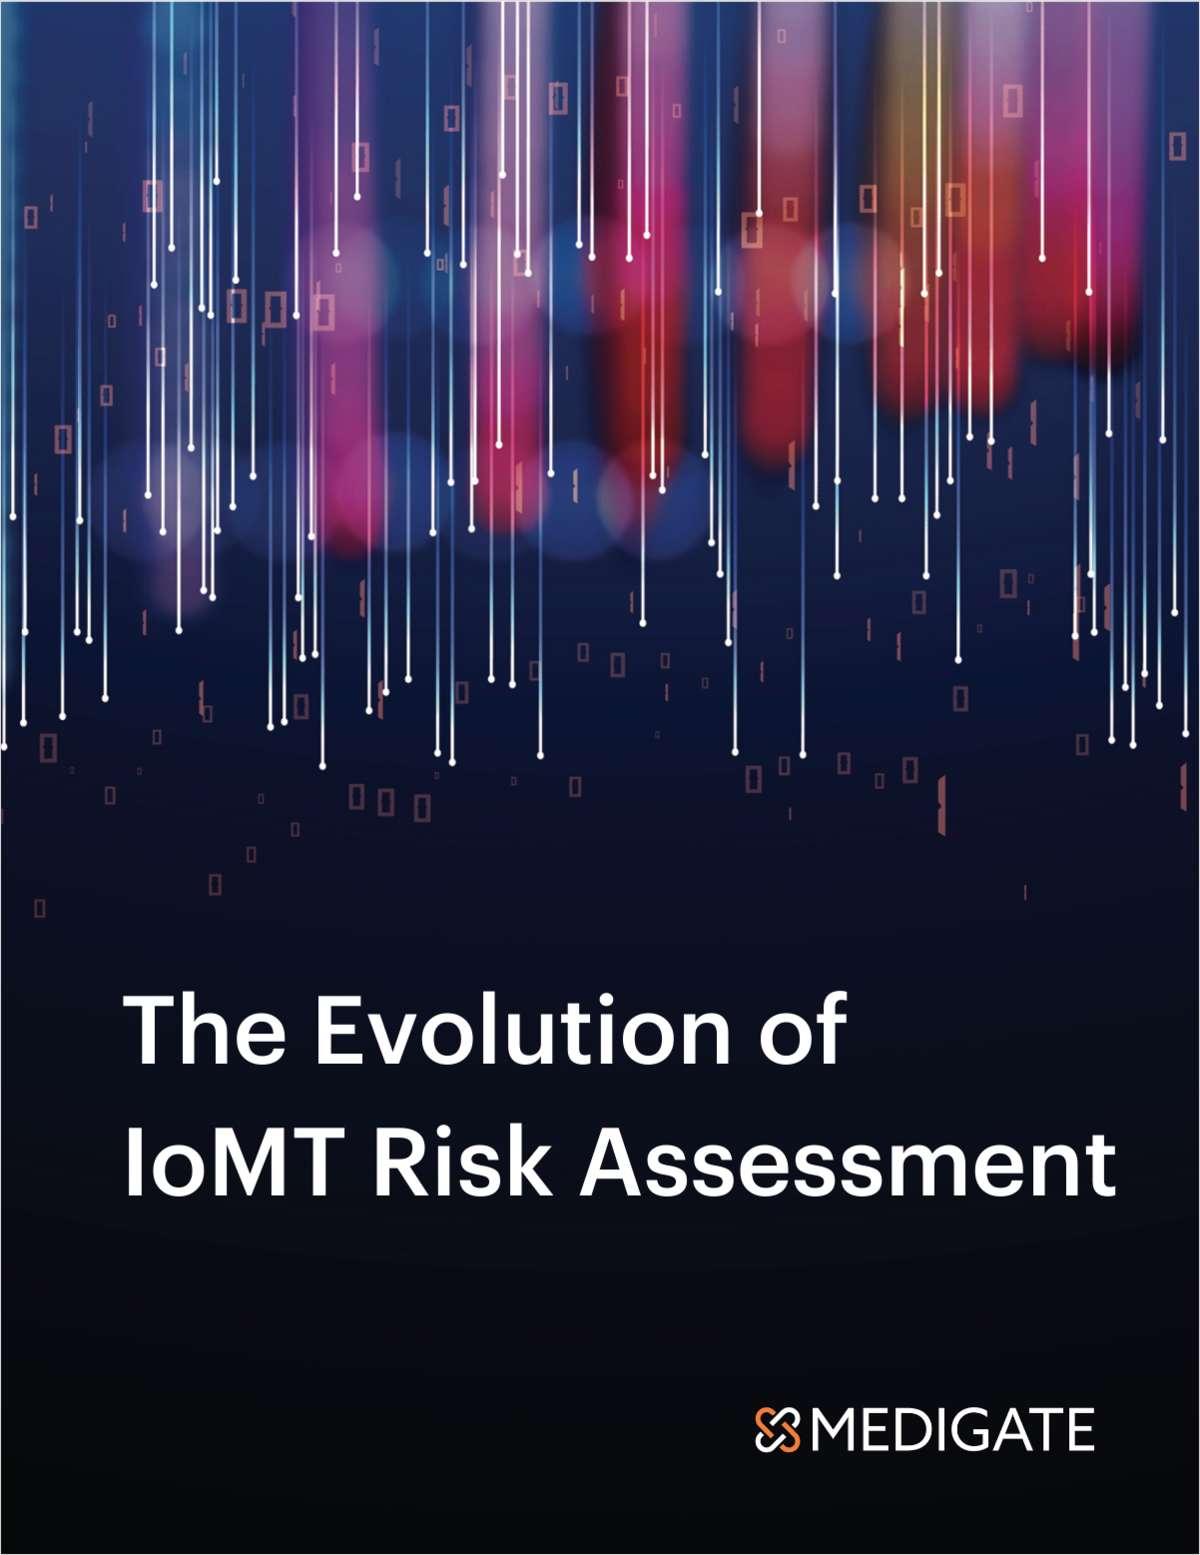 The Evolution of IoMT Risk Assessment